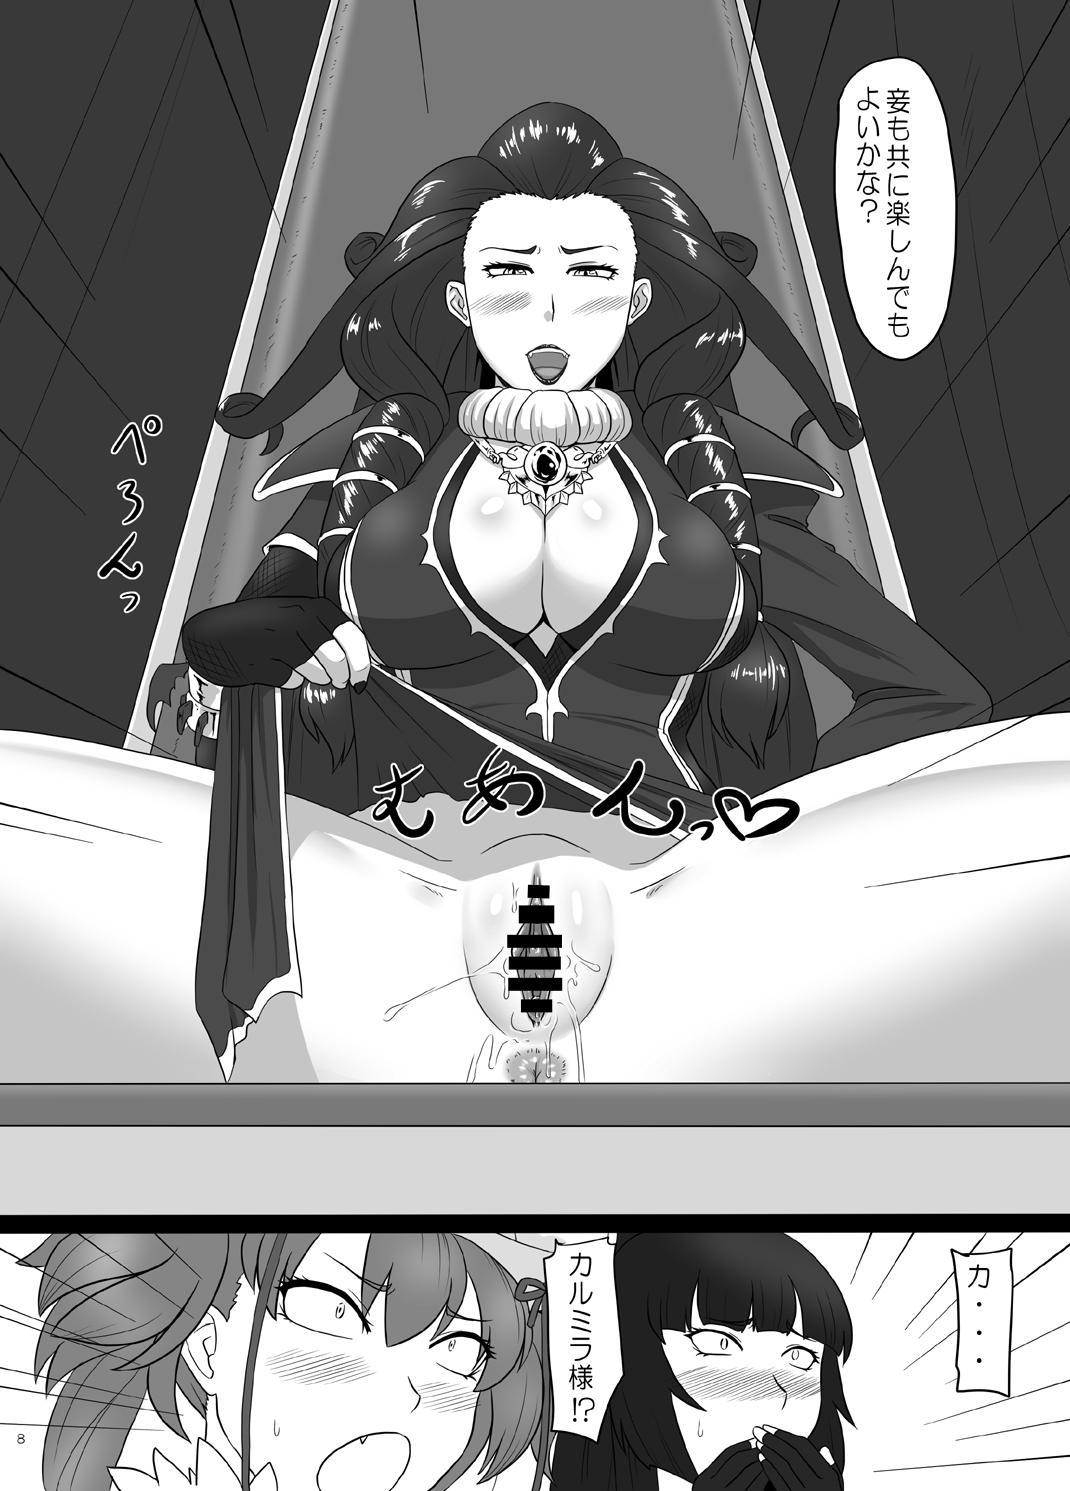 RenZetsu no Shimai 3 7